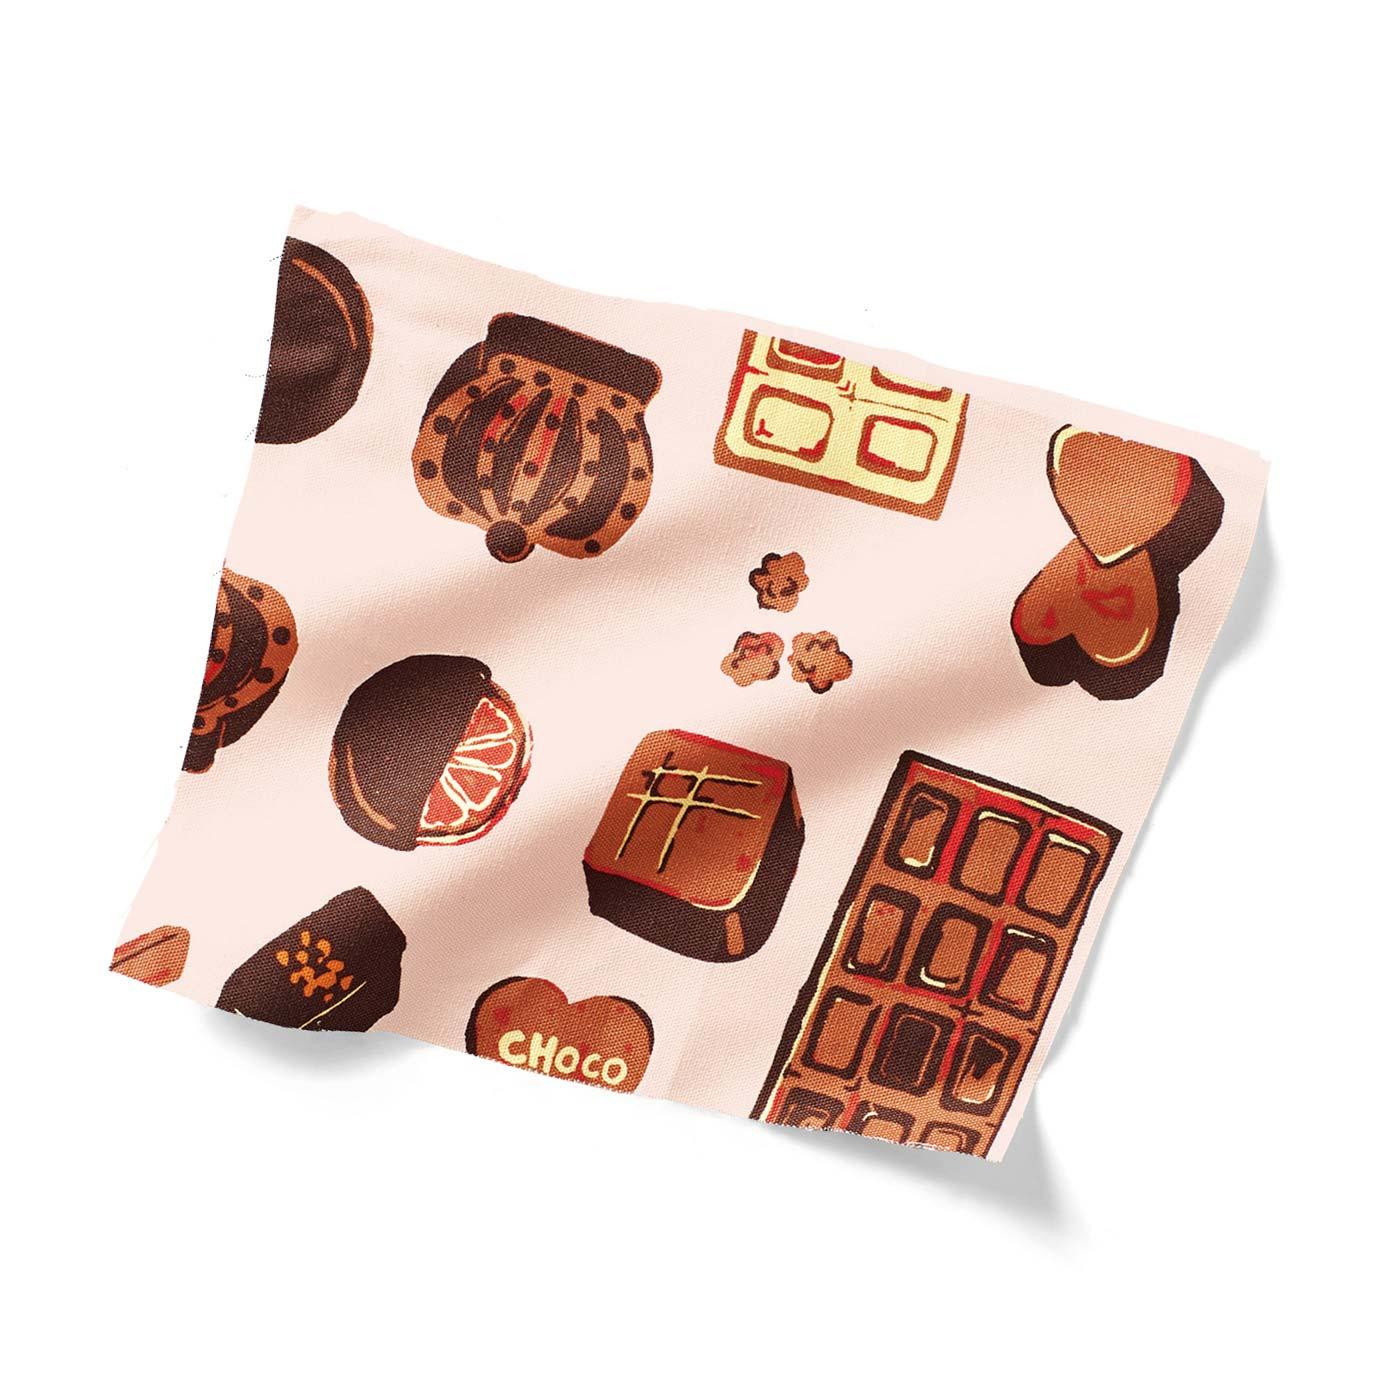 取材バッグとポーチの内生地はみりさん手描きのキュートなチョコファブリック。